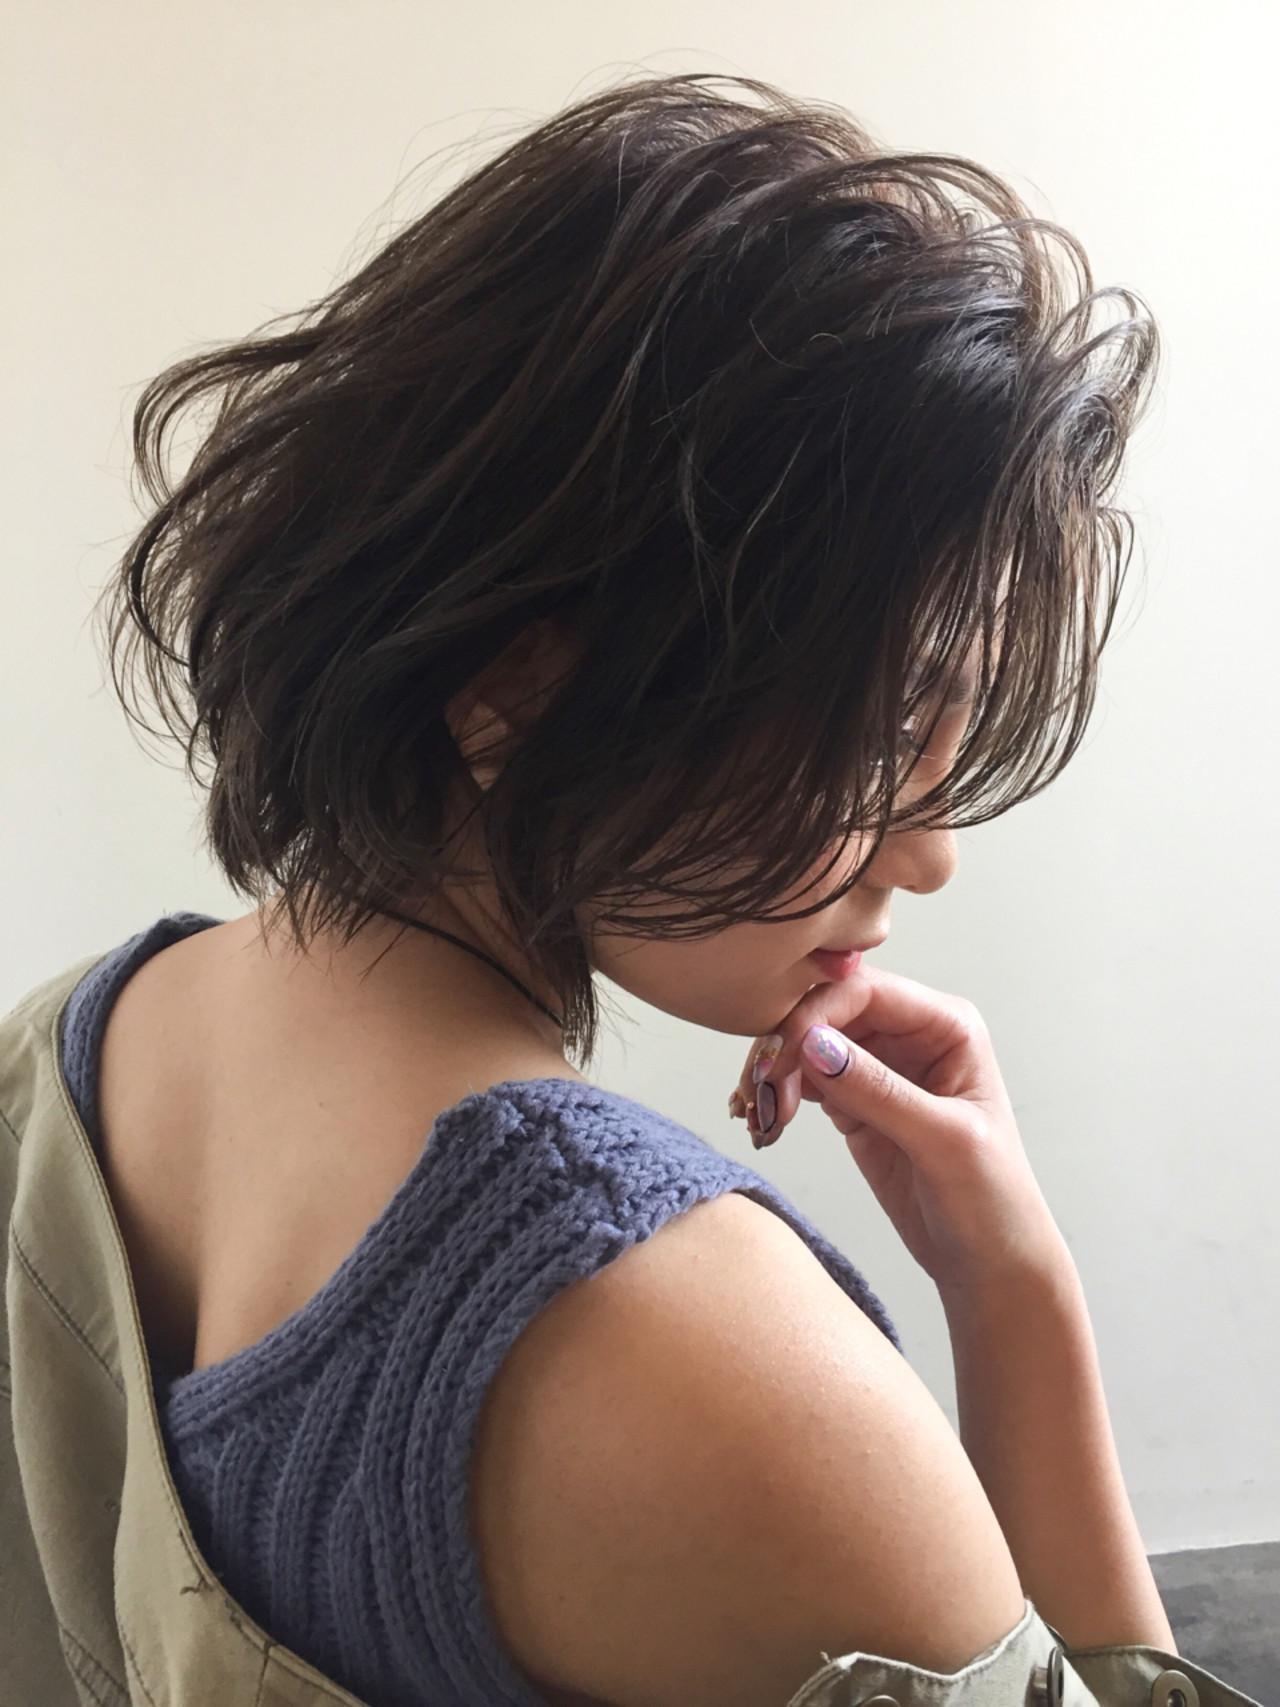 オデコだし、かきあげ前髪でハッピーオーラが全開!かきあげ前髪のつくり方 三木 康平